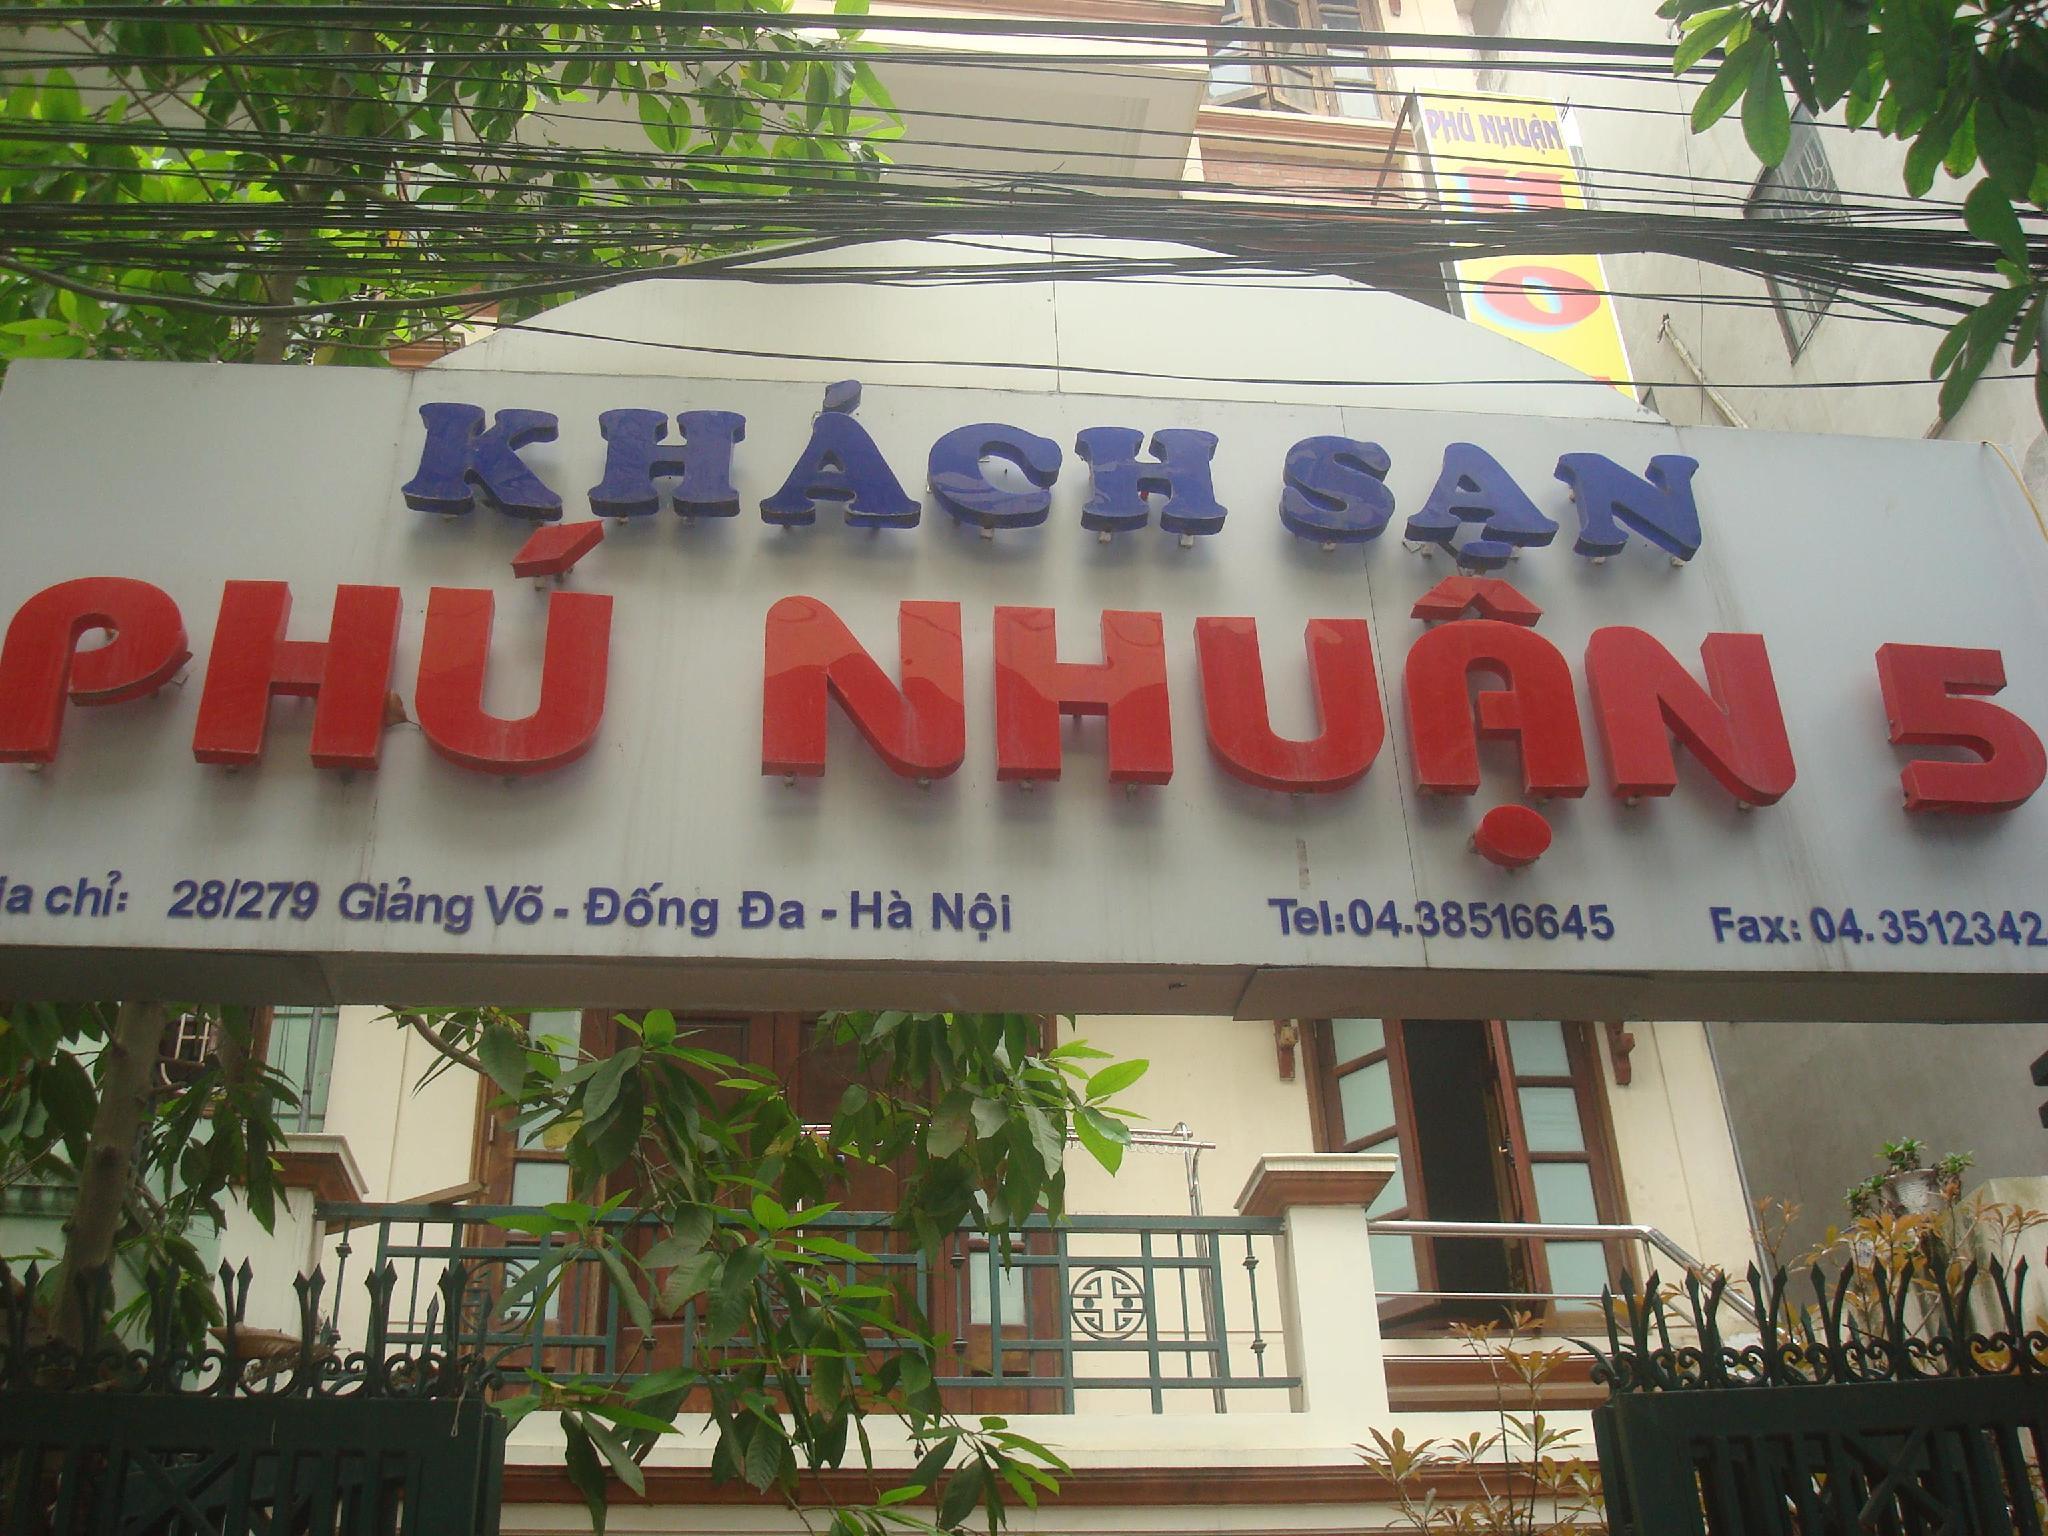 Hotell Phu Nhuan Hotel 5 - Giang Vo